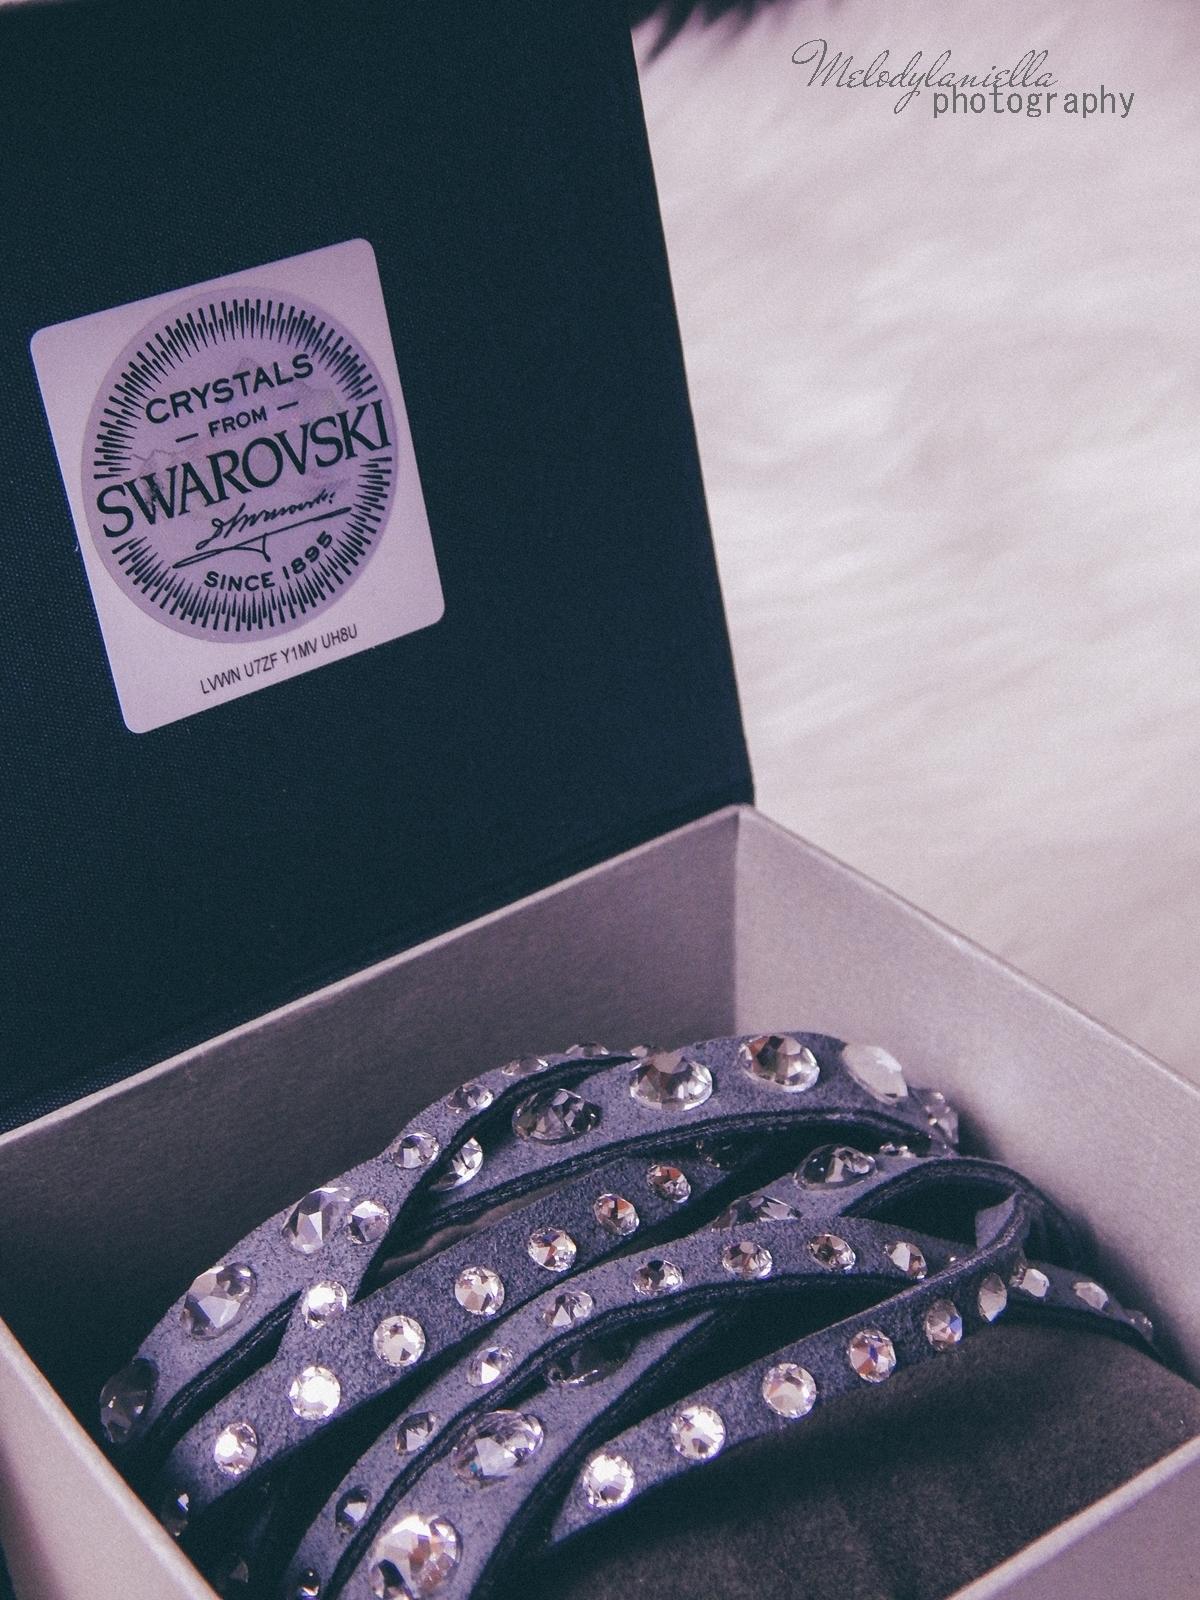 7 biżuteria M piotrowski recenzje kryształy swarovski przegląd opinie recenzje jak dobrać biżuterie modna biżuteria stylowe dodatki kryształy bransoletka z kokardką naszyjnik z kokardą złoto srebro fashion